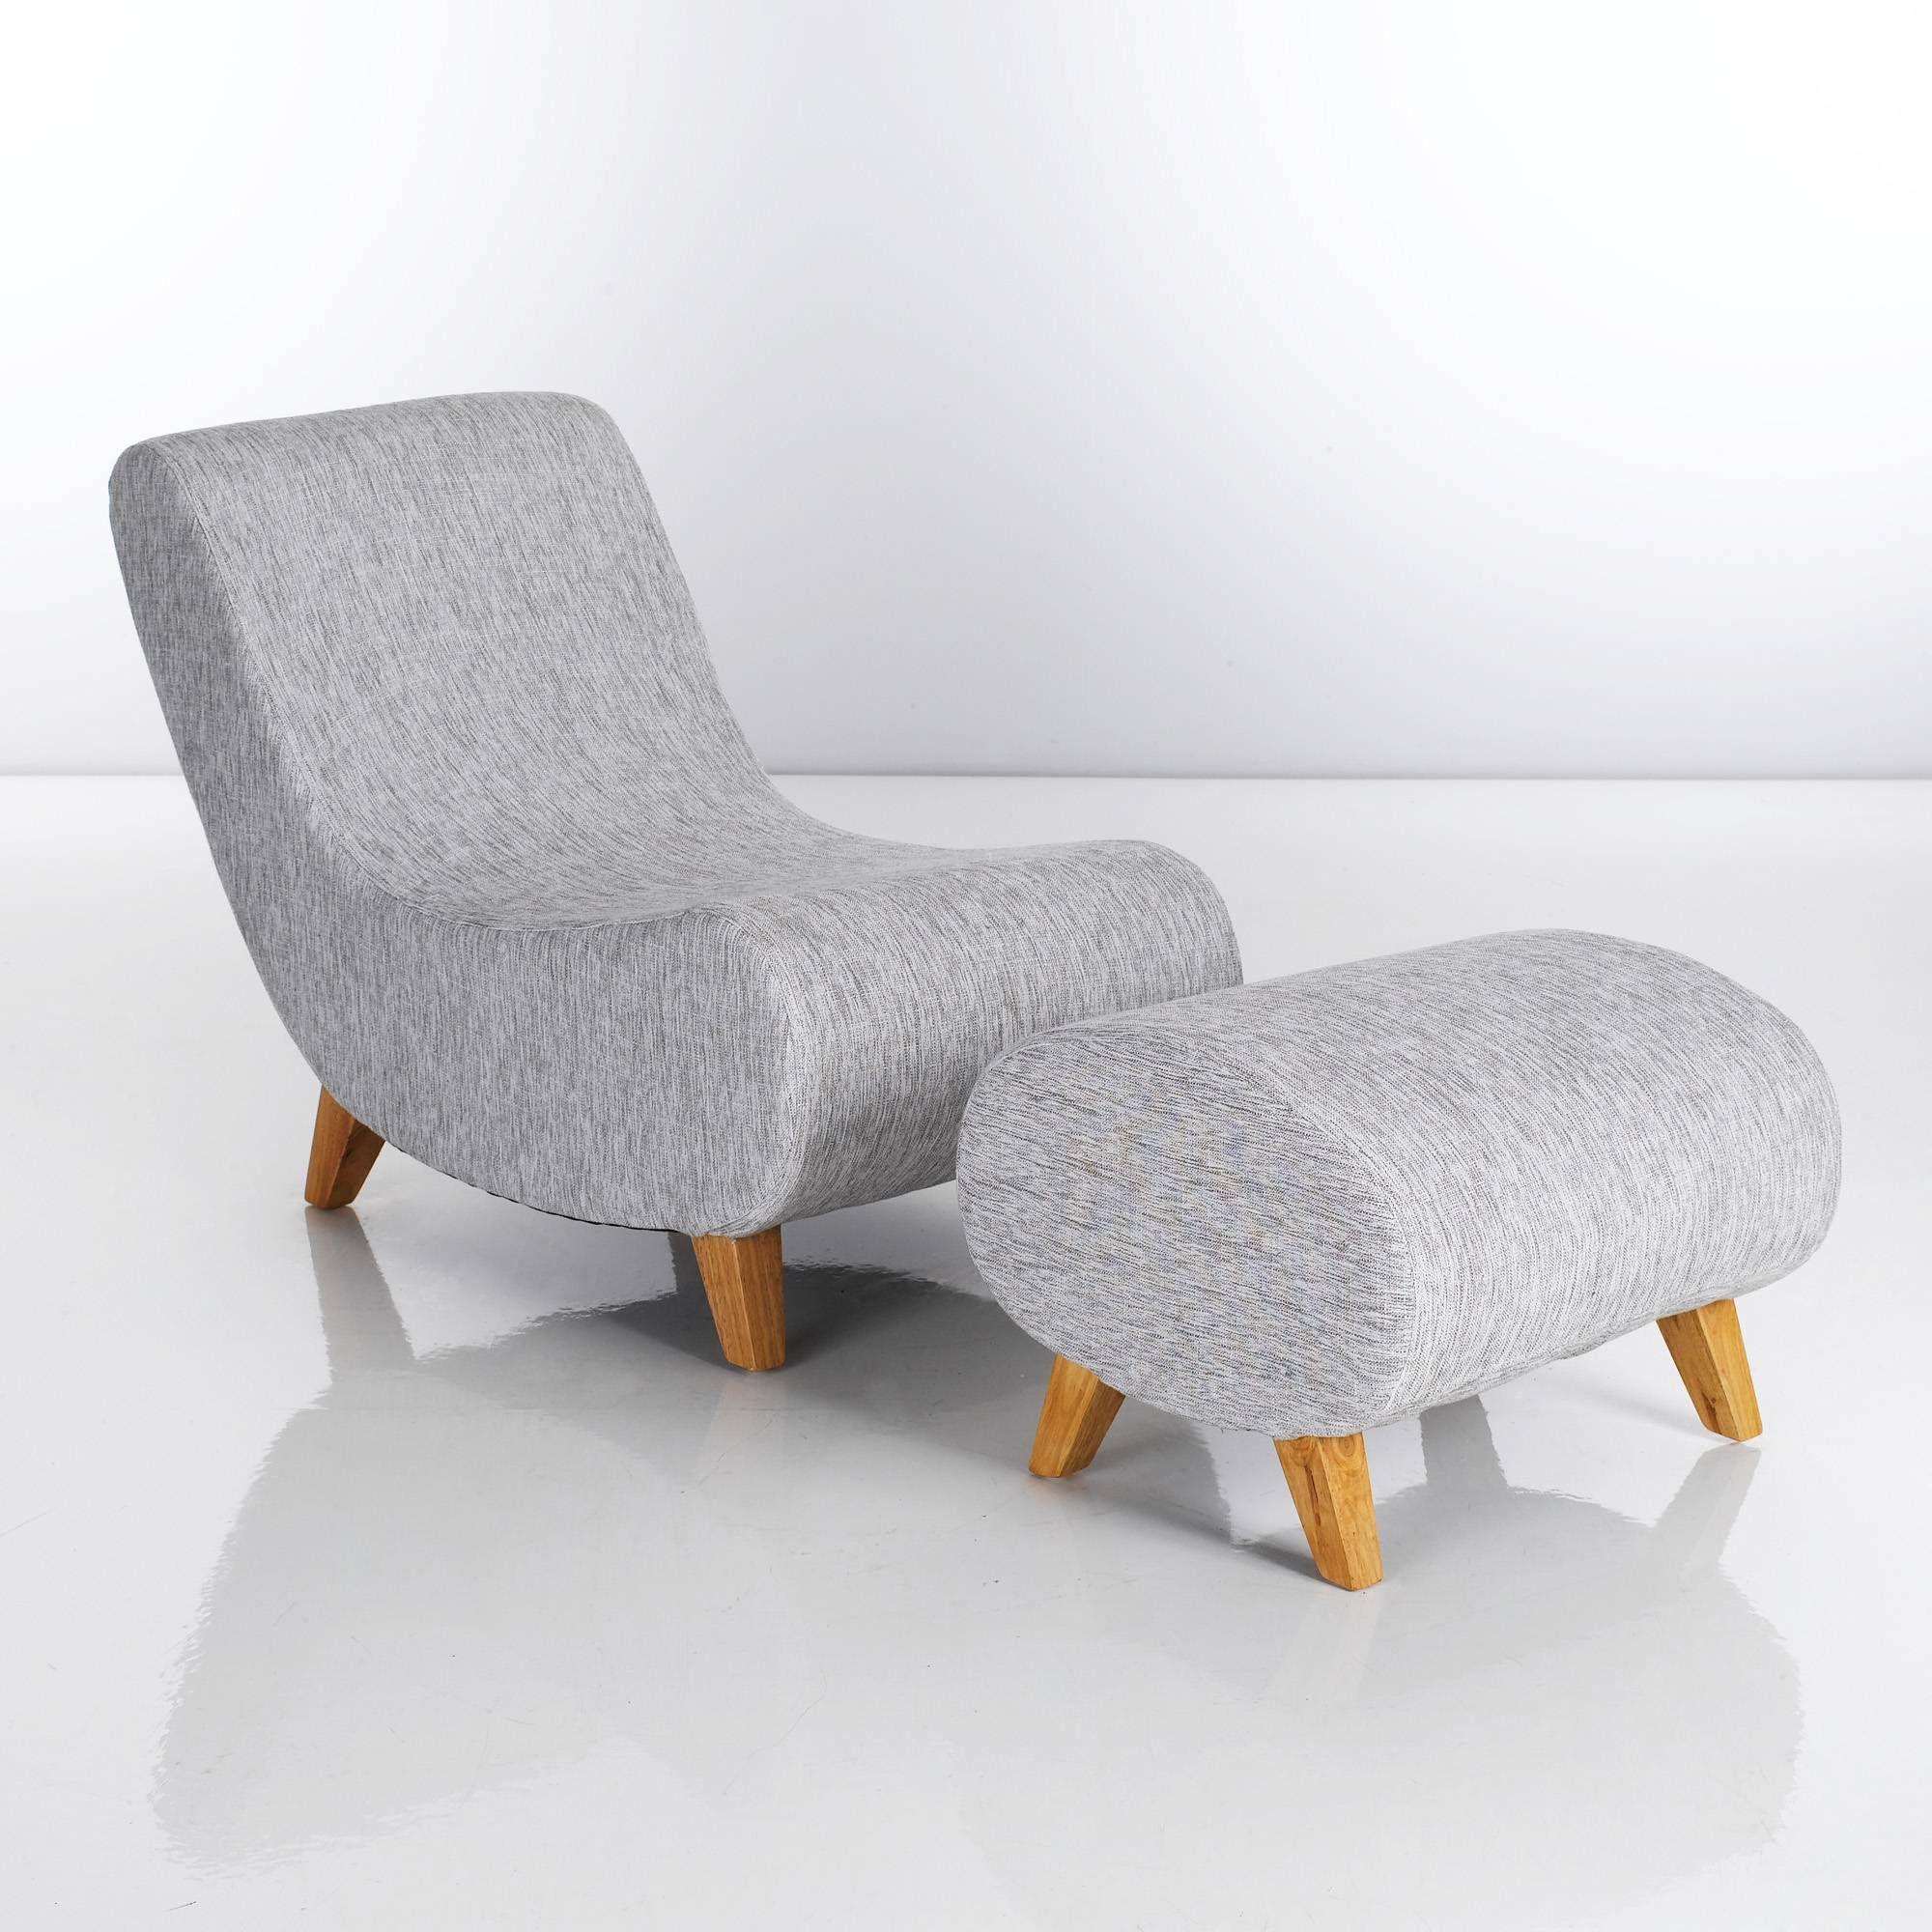 3 suisses fauteuil pouf flash en tissu chine 169 tissu chin - Fauteuil Et Pouf